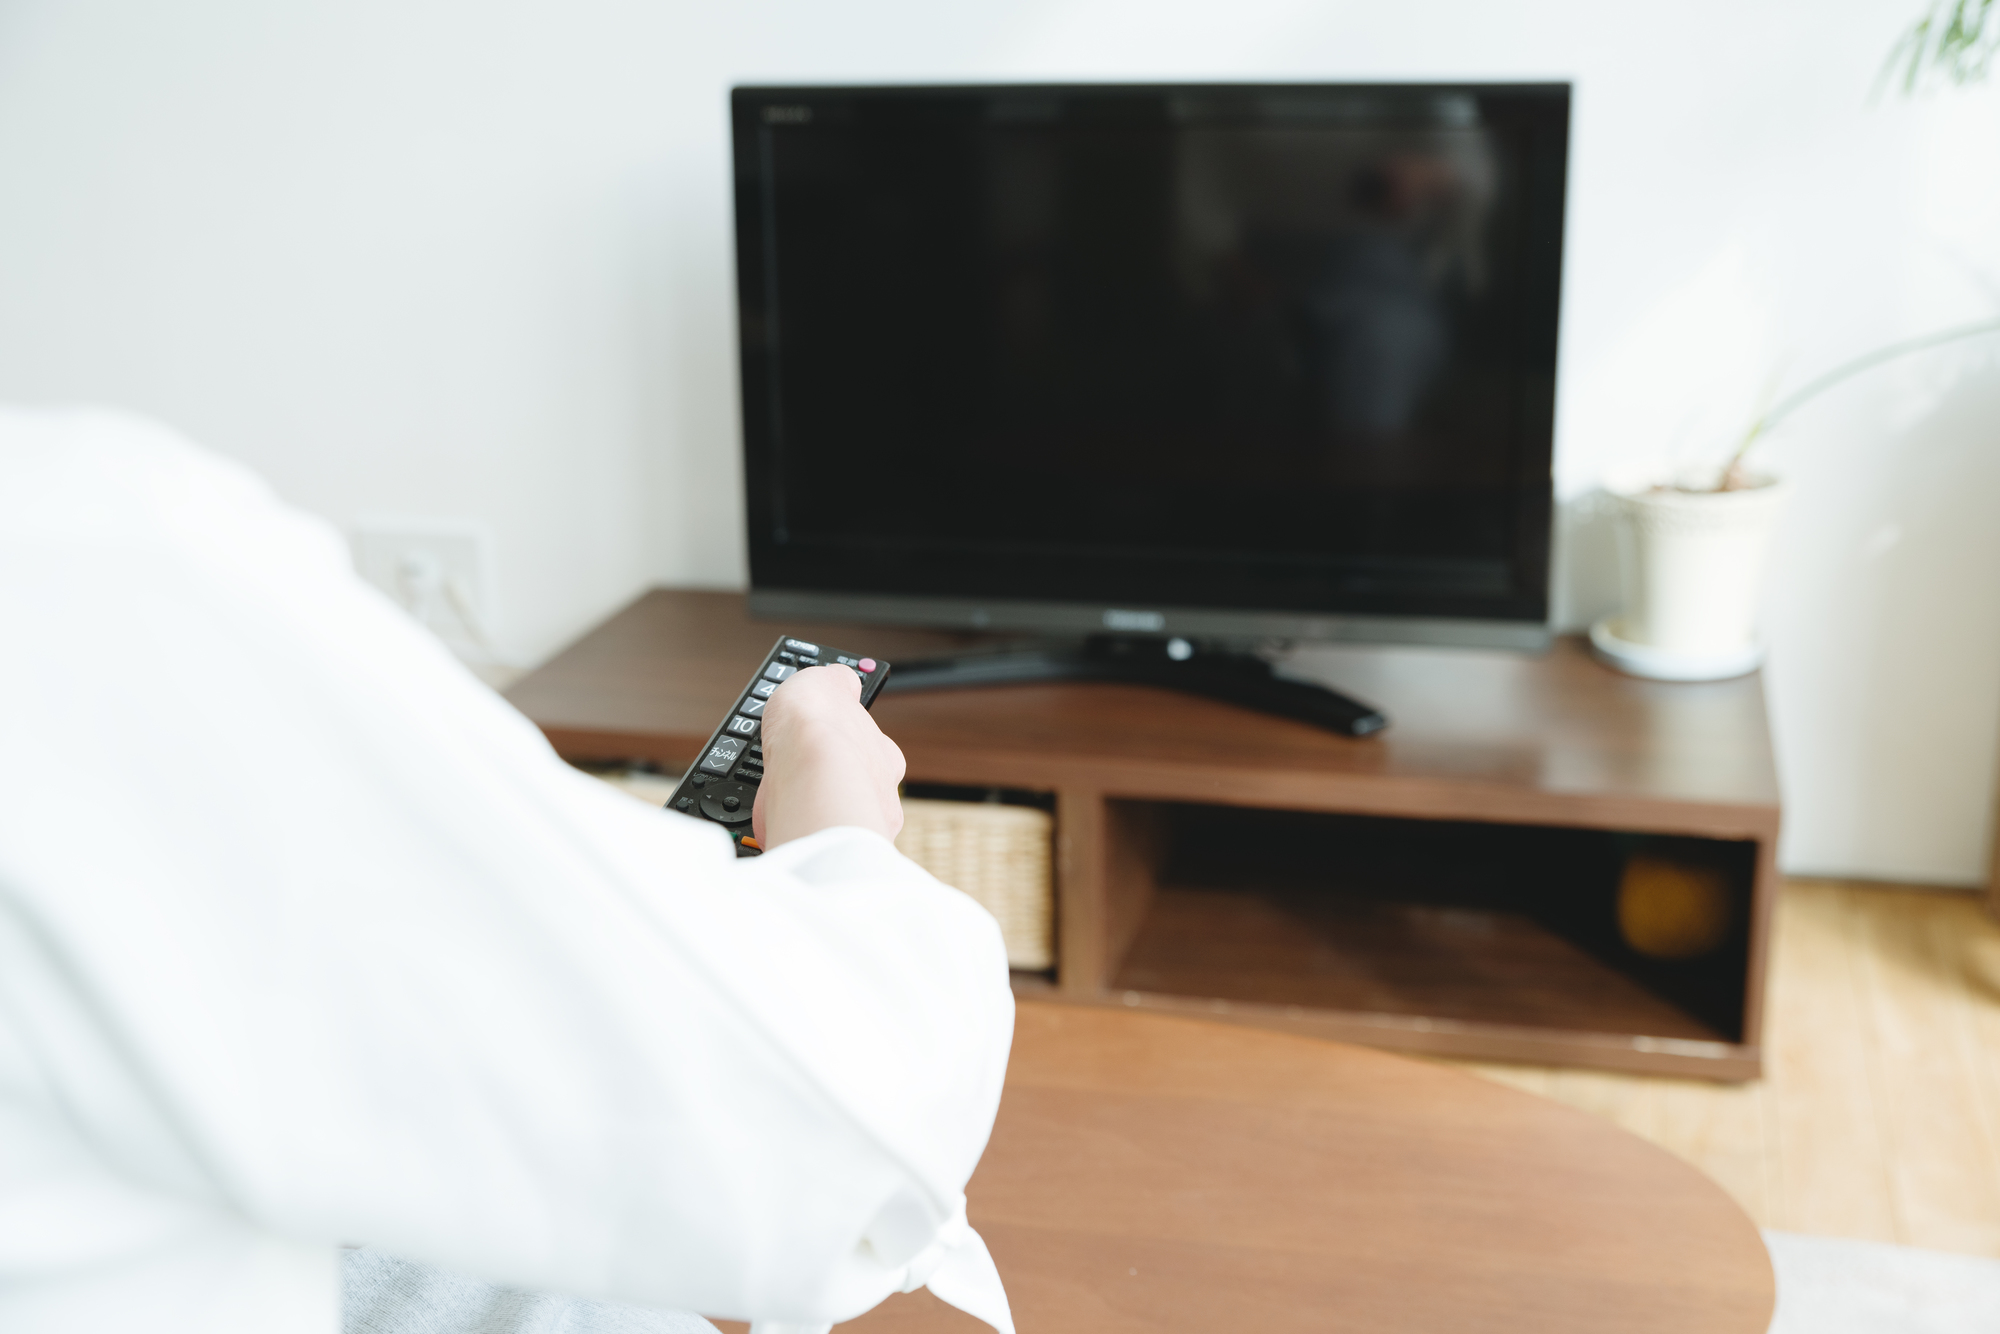 を 無線 の に 画面 テレビ スマホ 映す